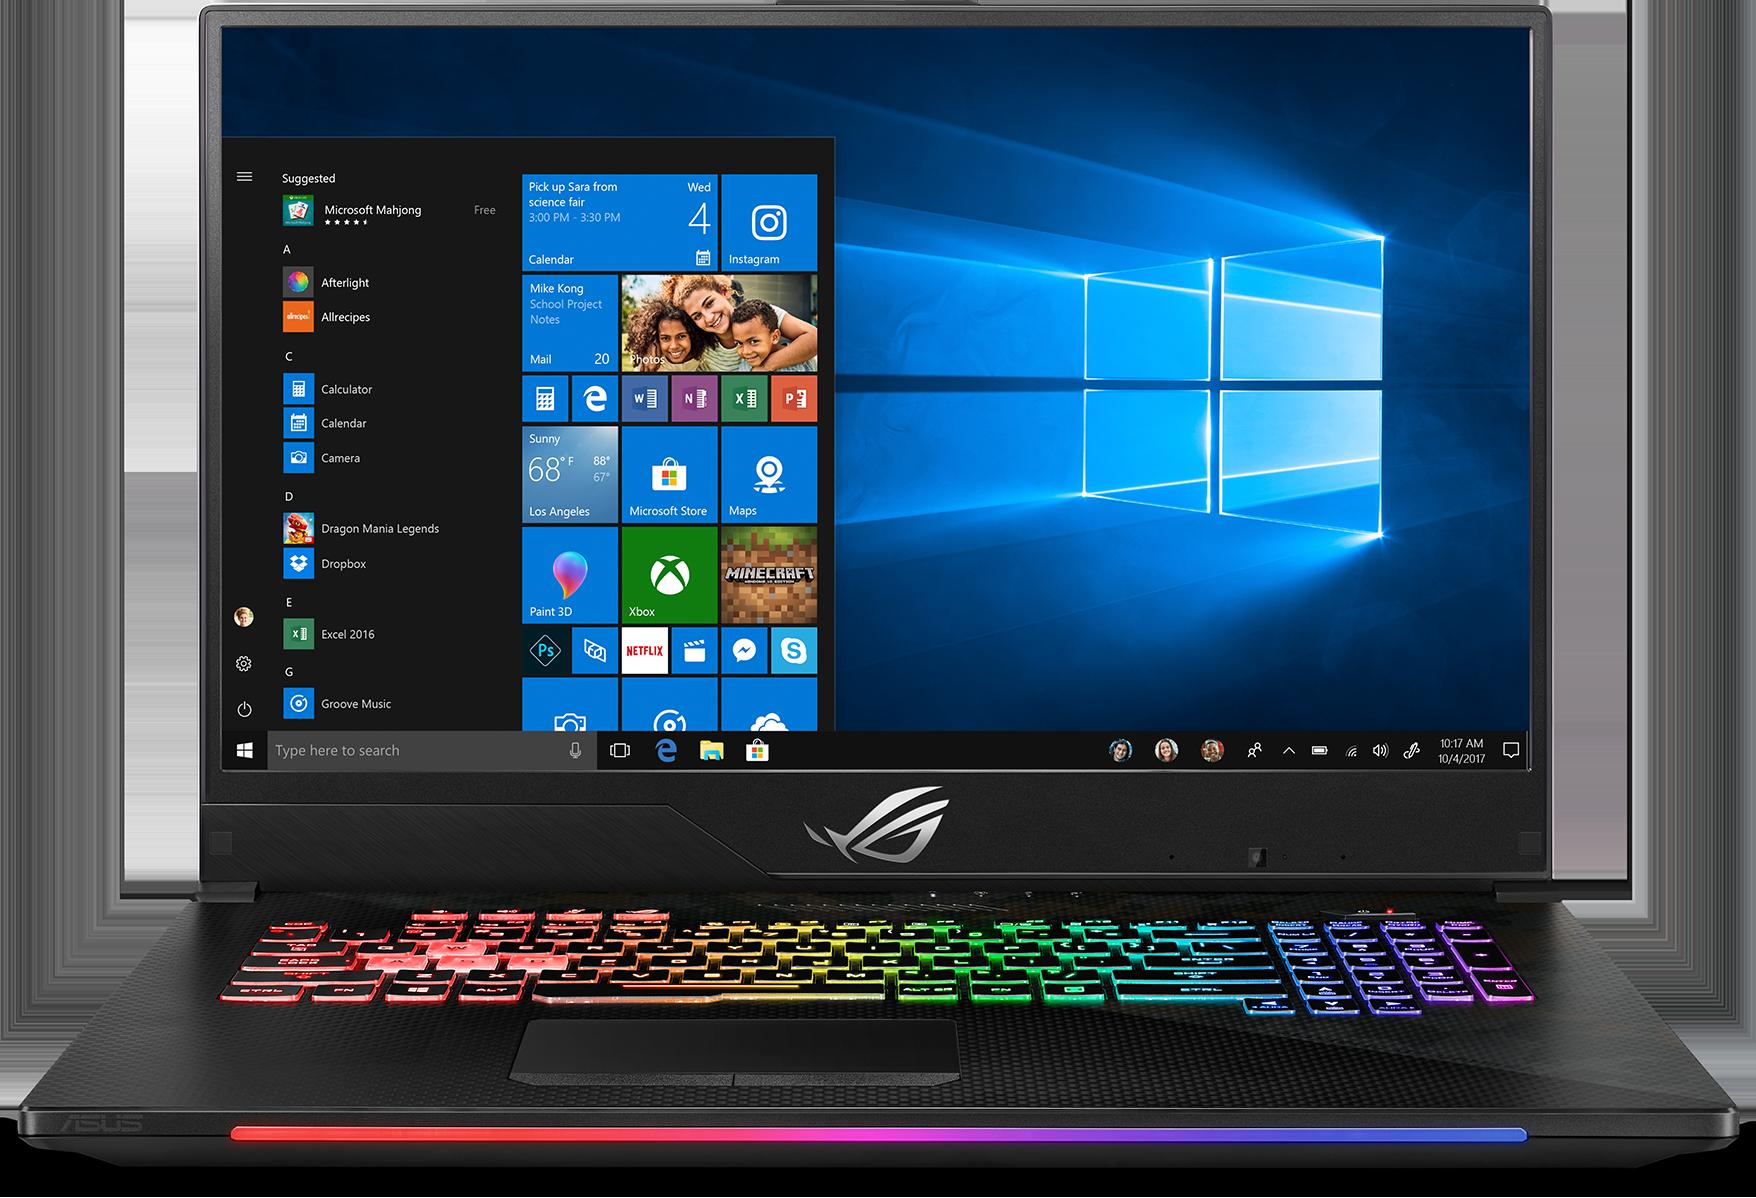 ASUS ROG Strix SCAR II GL704GM-DH74 Gaming Laptop